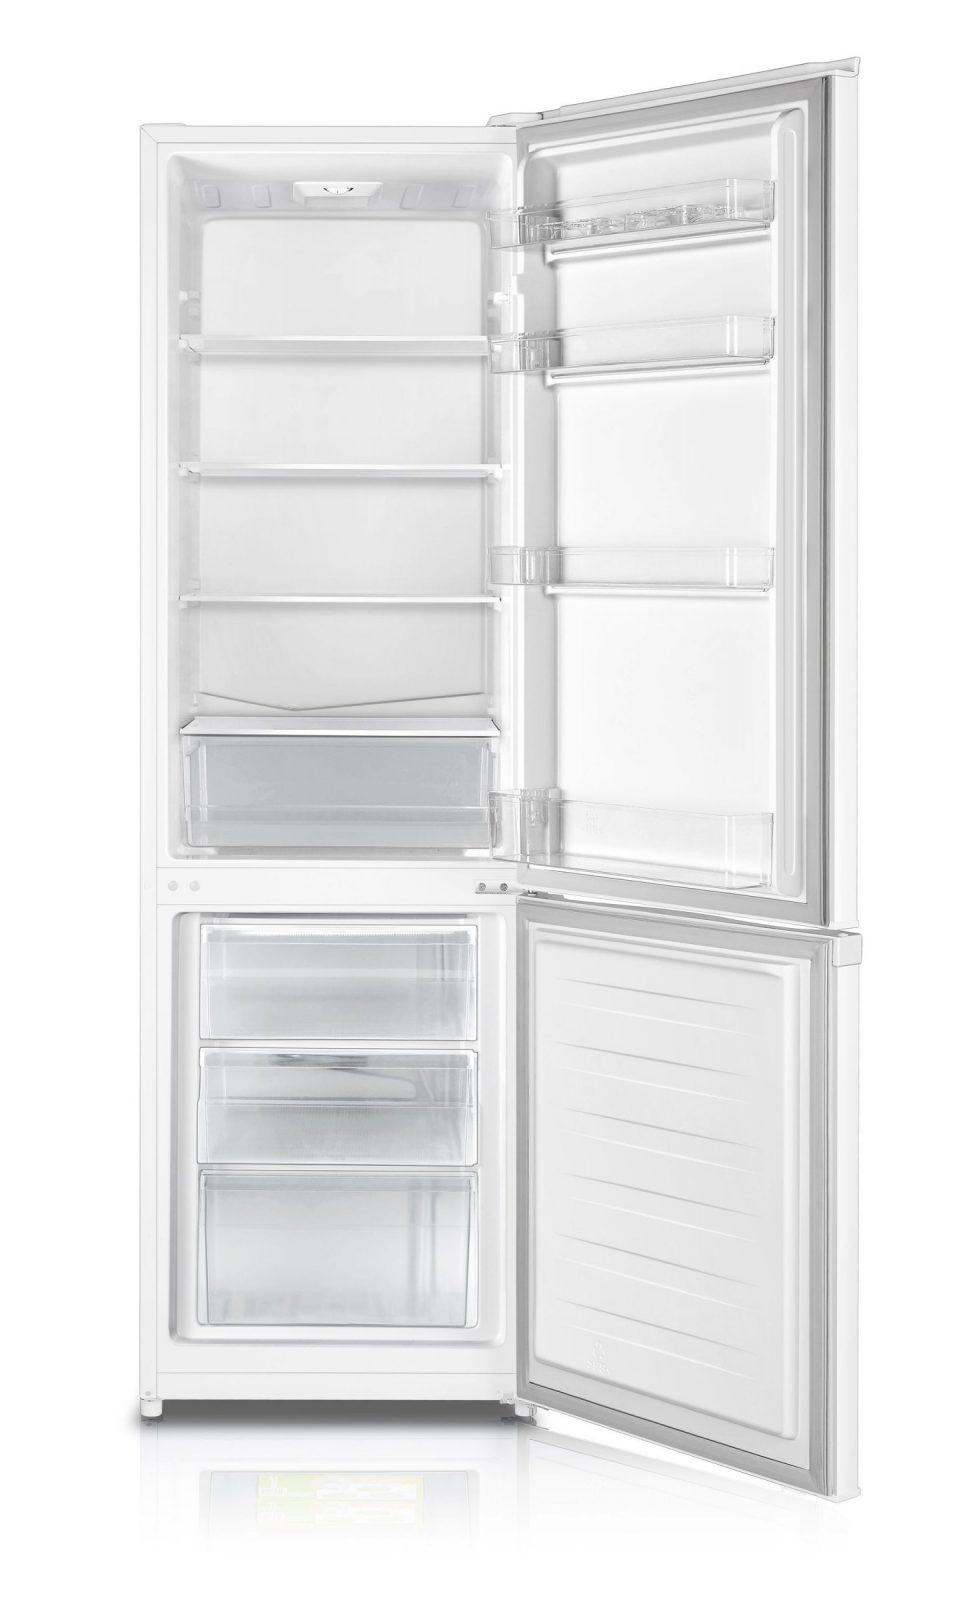 Pkm Kg 280Ix A+++ 55Cm Breit Kühl Gefrierkombination Kühlschrank von Kühlschrank 55 Cm Breit Bild